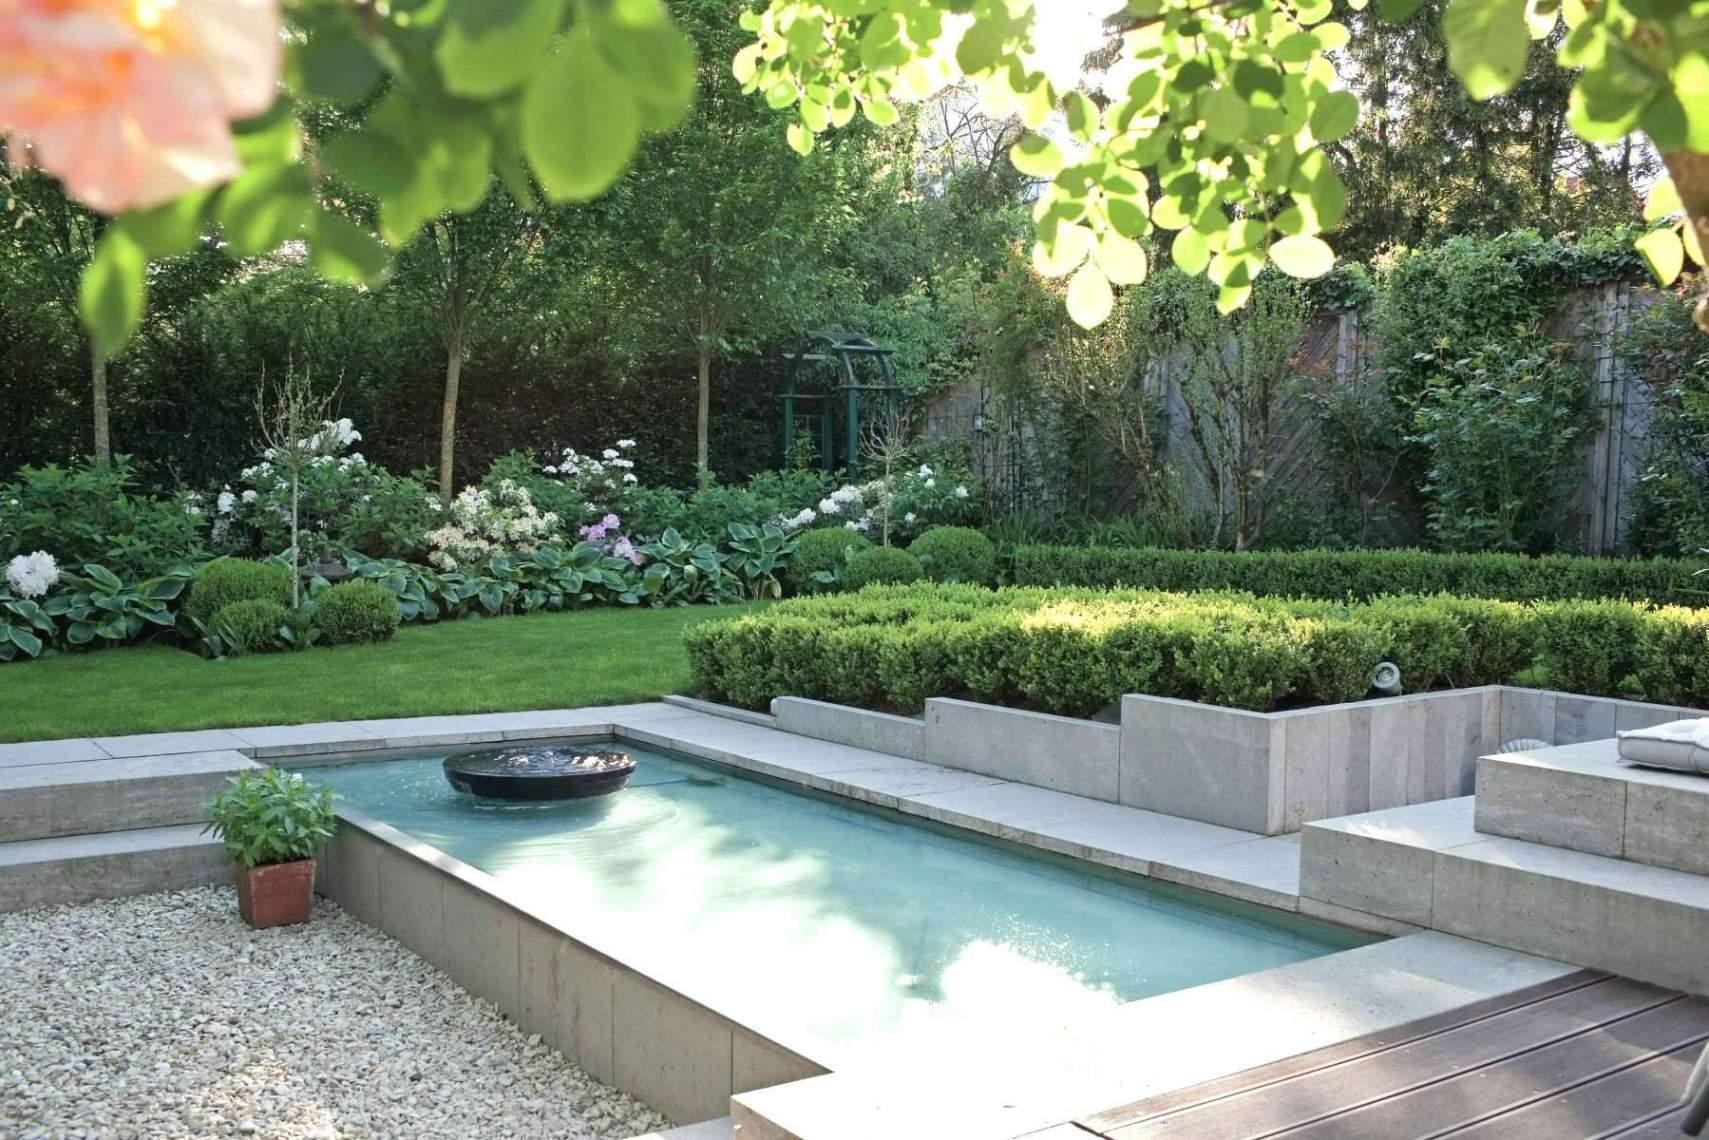 gestaltung kleiner garten reizend kleiner reihenhausgarten gestalten temobardz home blog of gestaltung kleiner garten